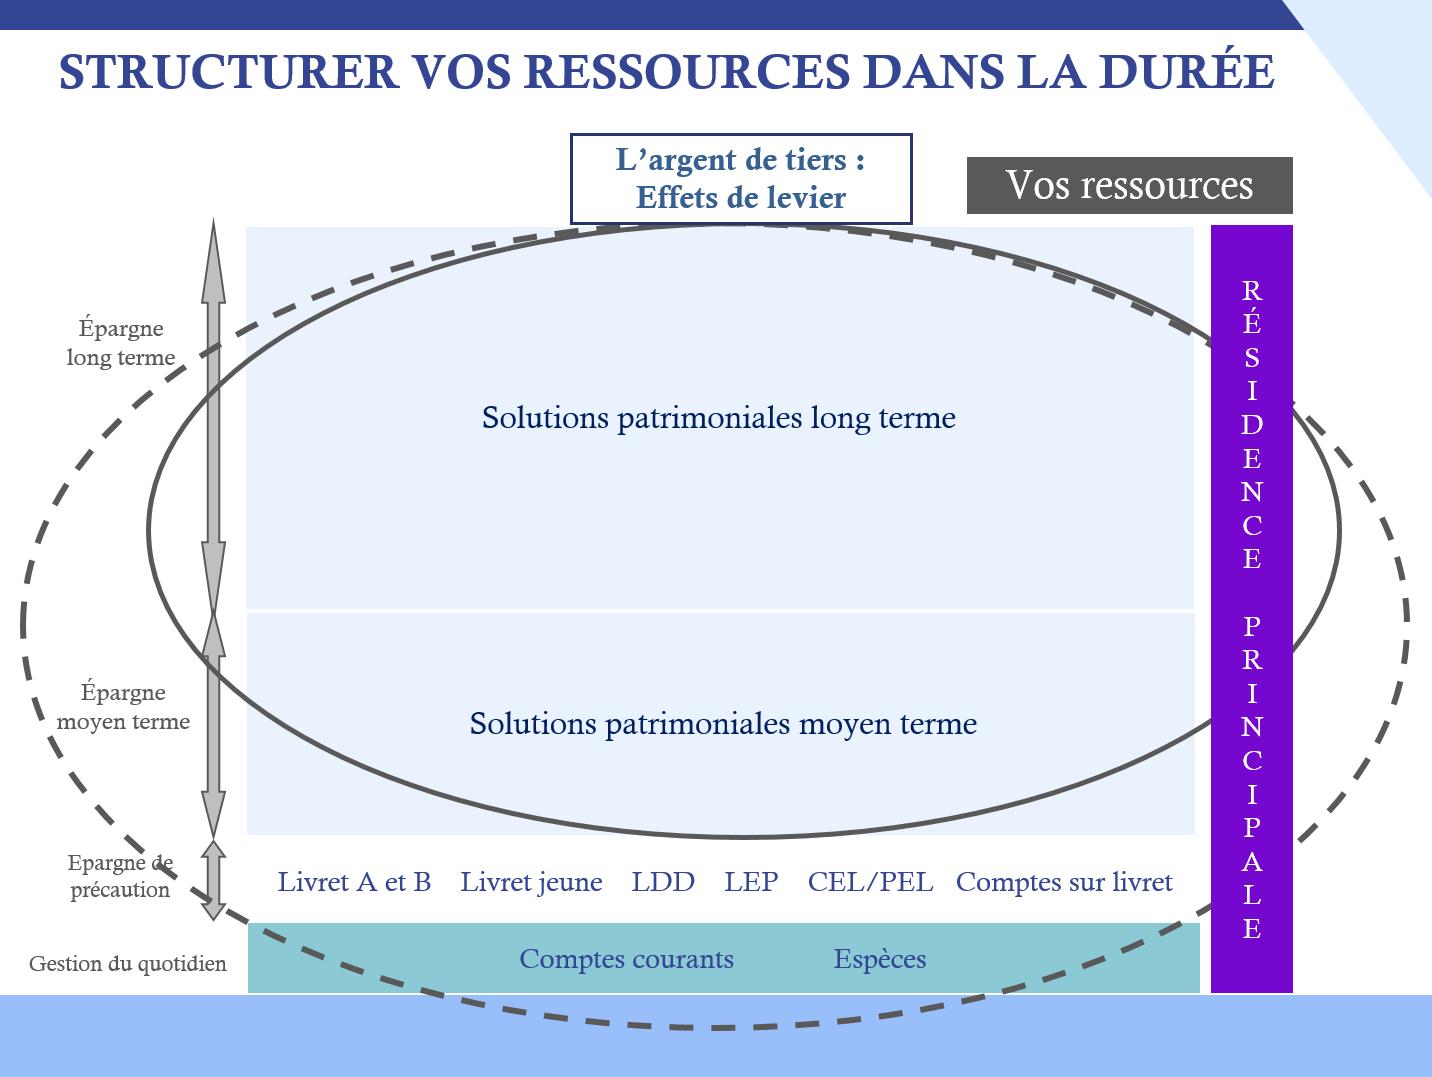 structurer vos ressources dans la duree